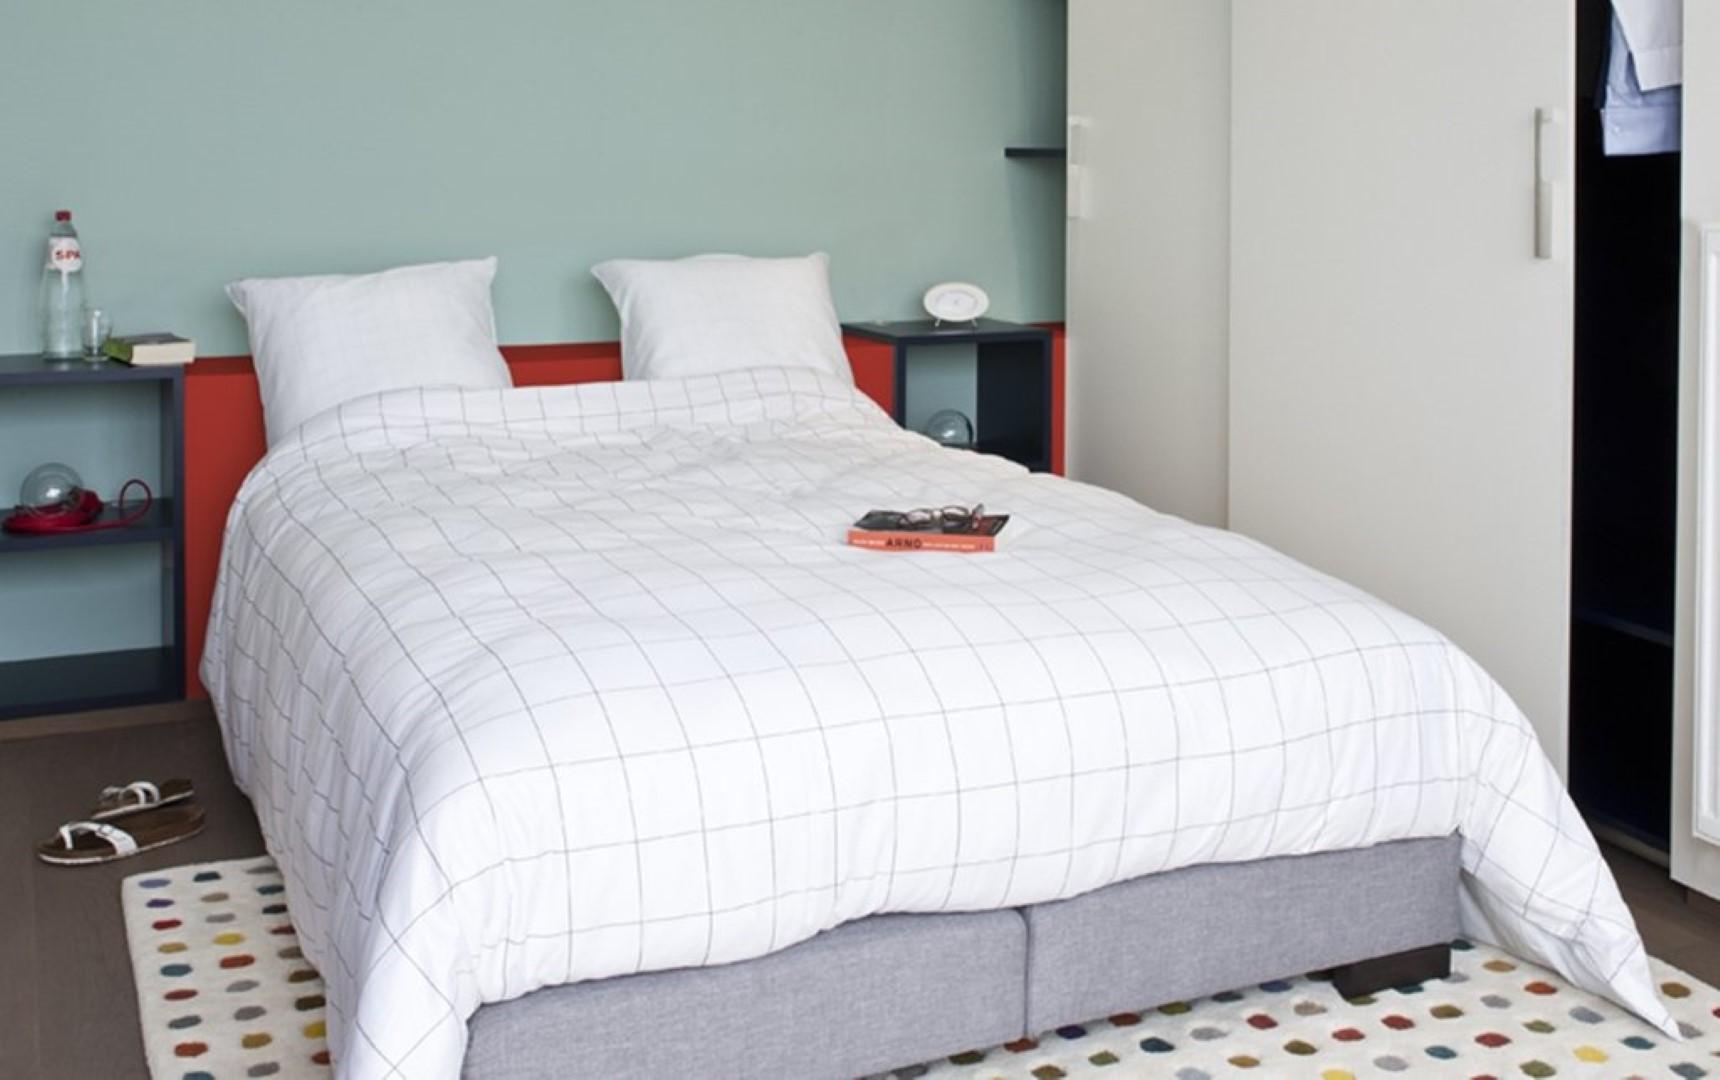 Schilder en plamuurwerken tom plancke slaapkamers for Verfkleuren slaapkamer